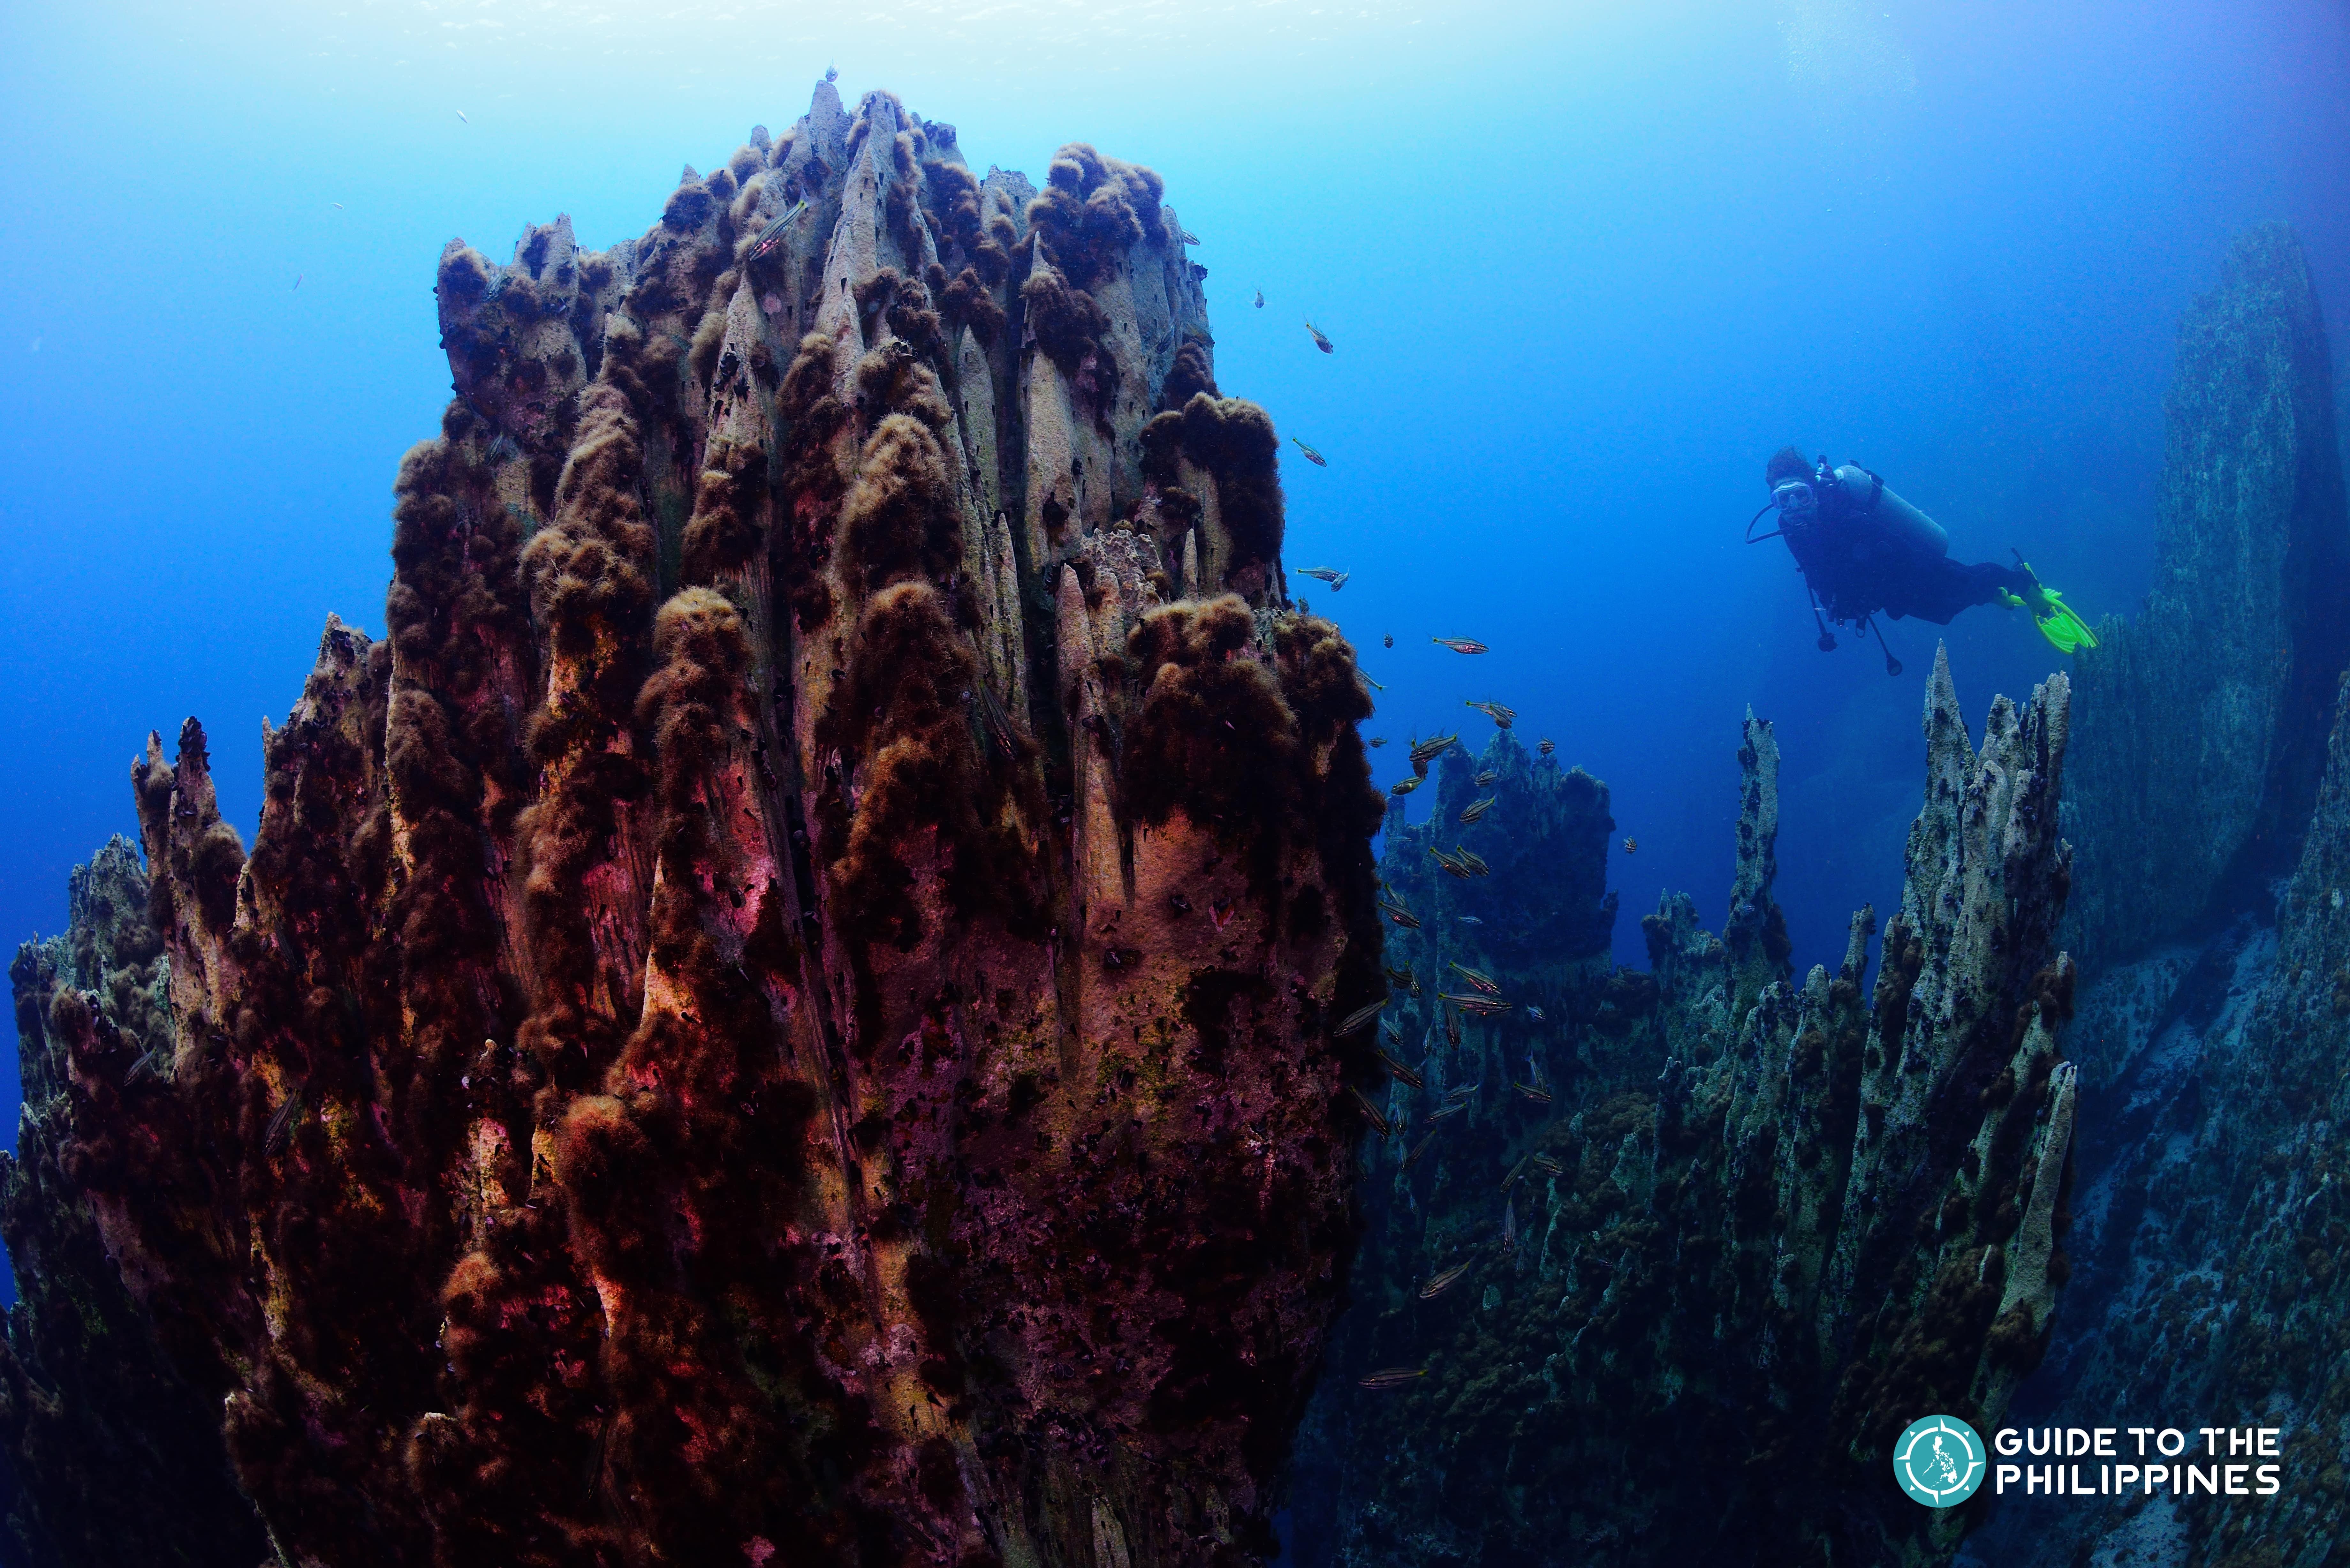 Guide to Diving in Coron Palawan: Explore Shipwrecks from World War II